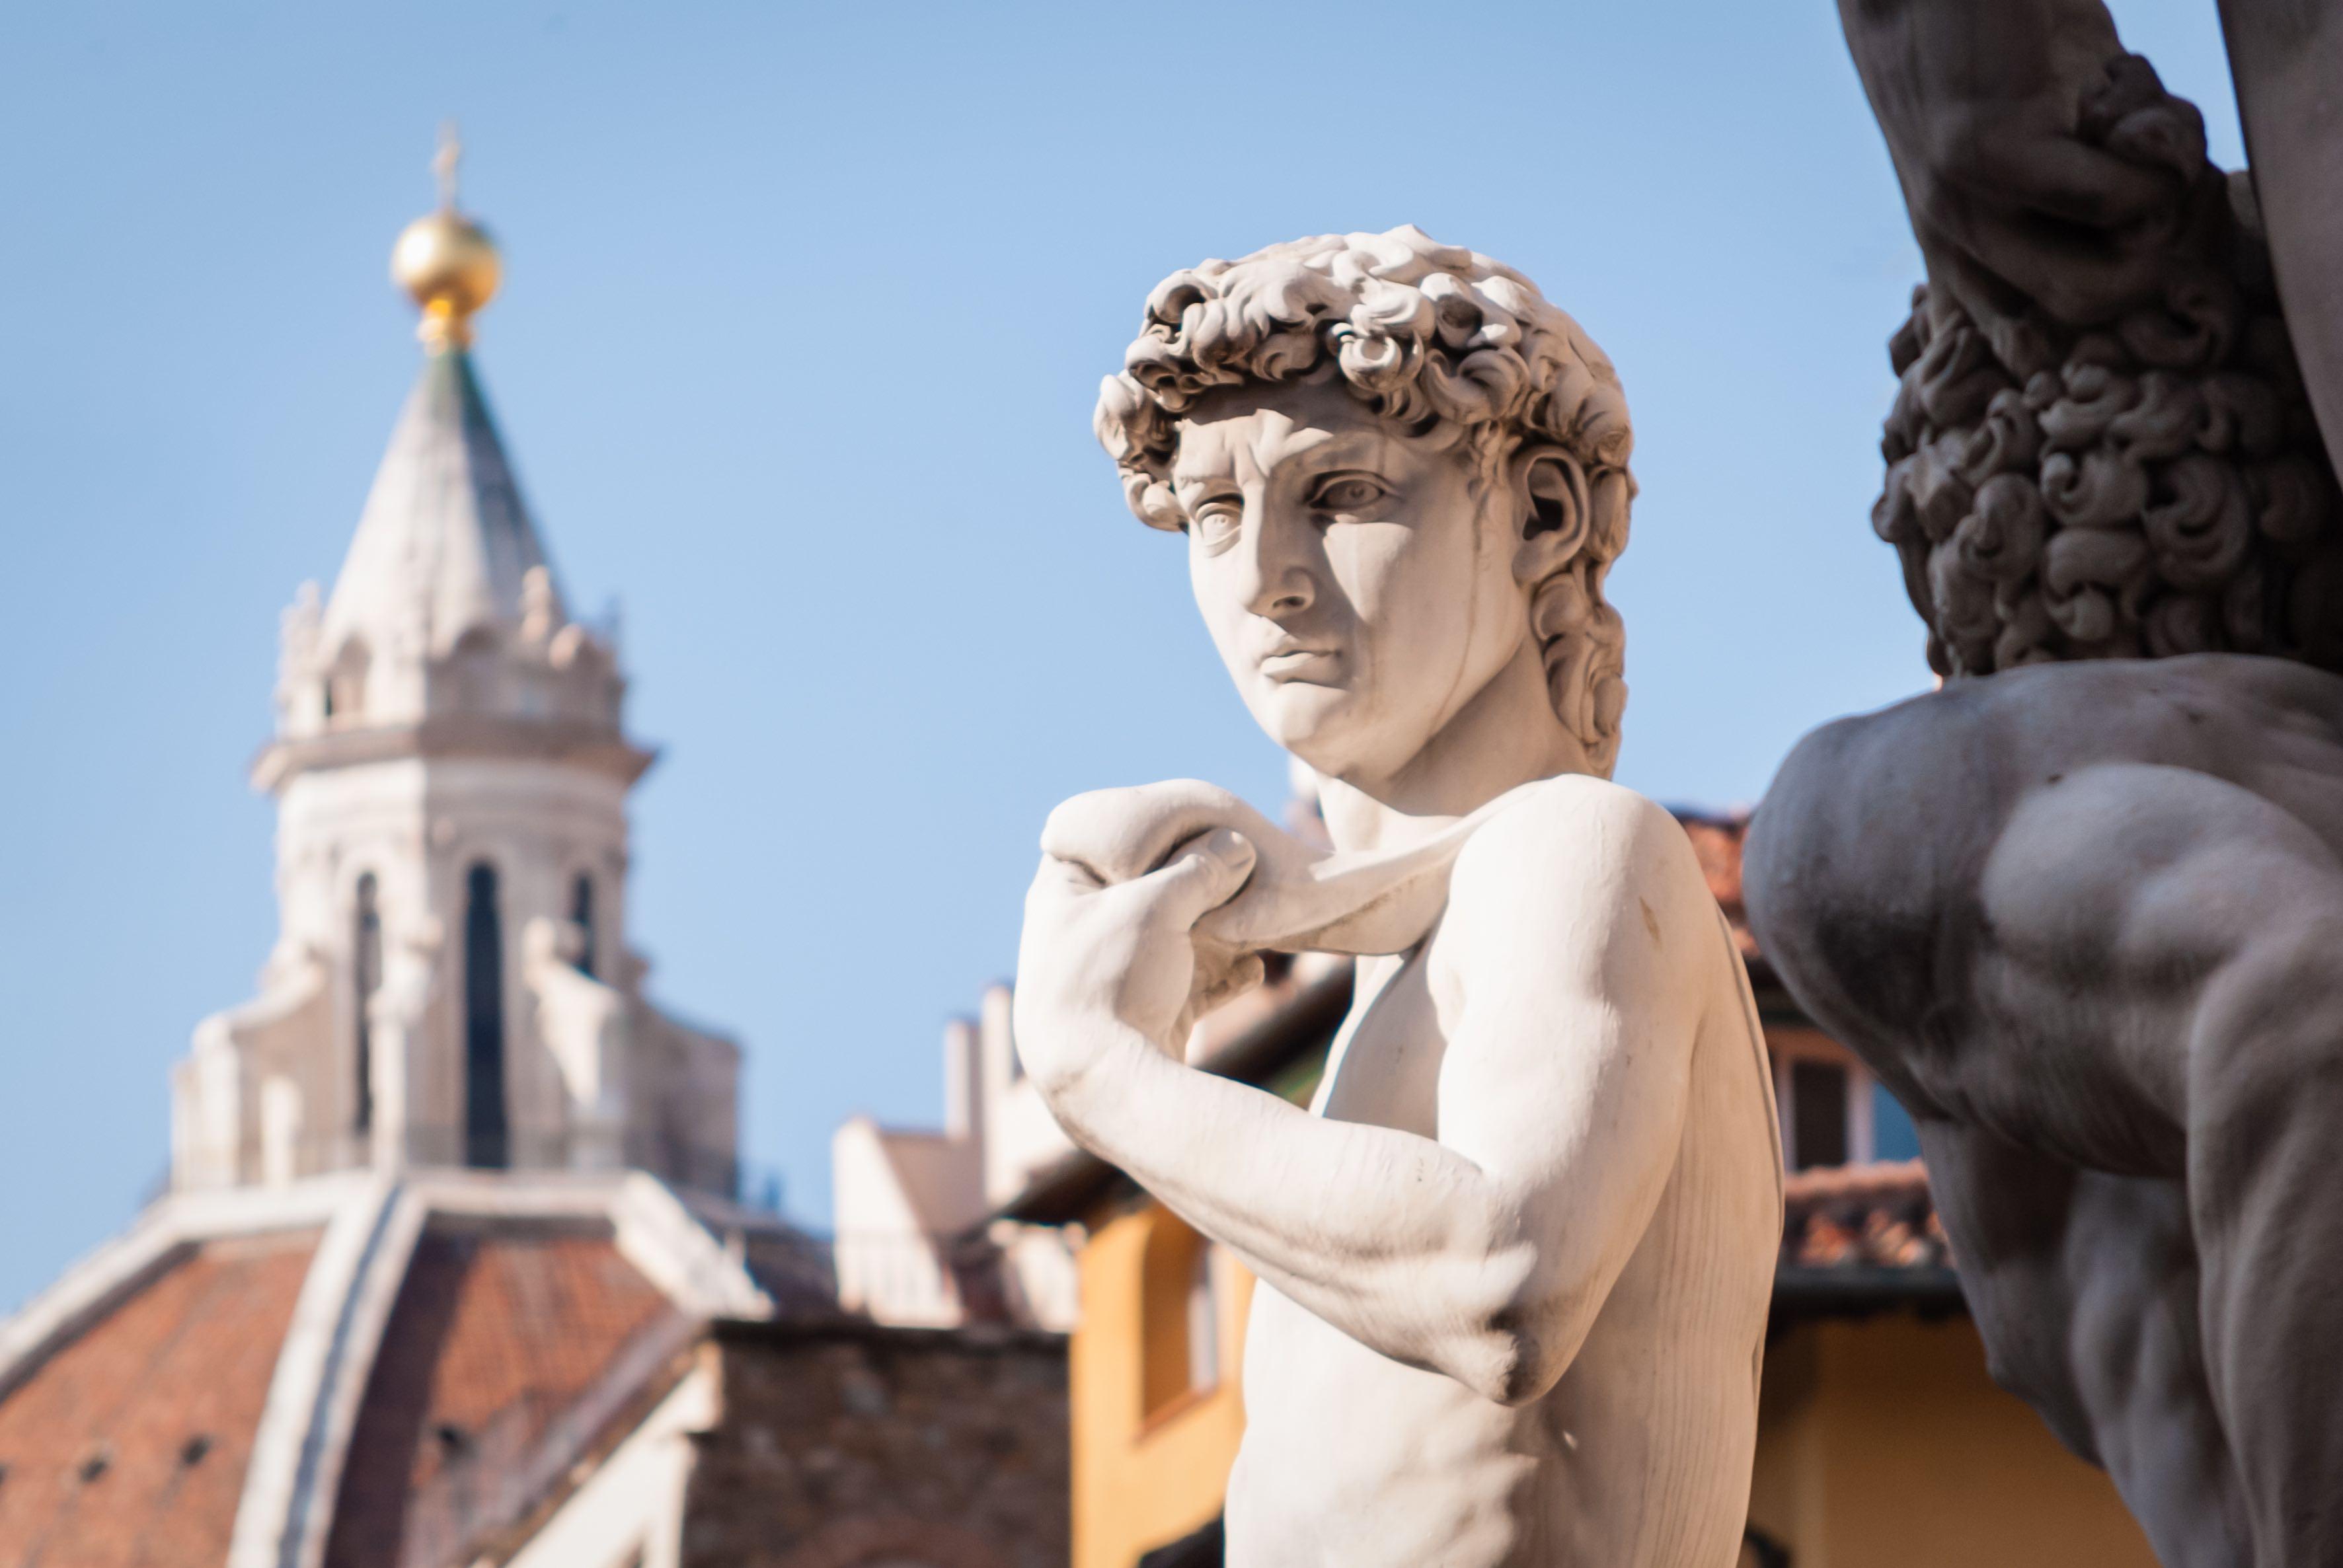 Kopie von Michelangelos David mit den den Dächern von Florenz im Hintergrund.